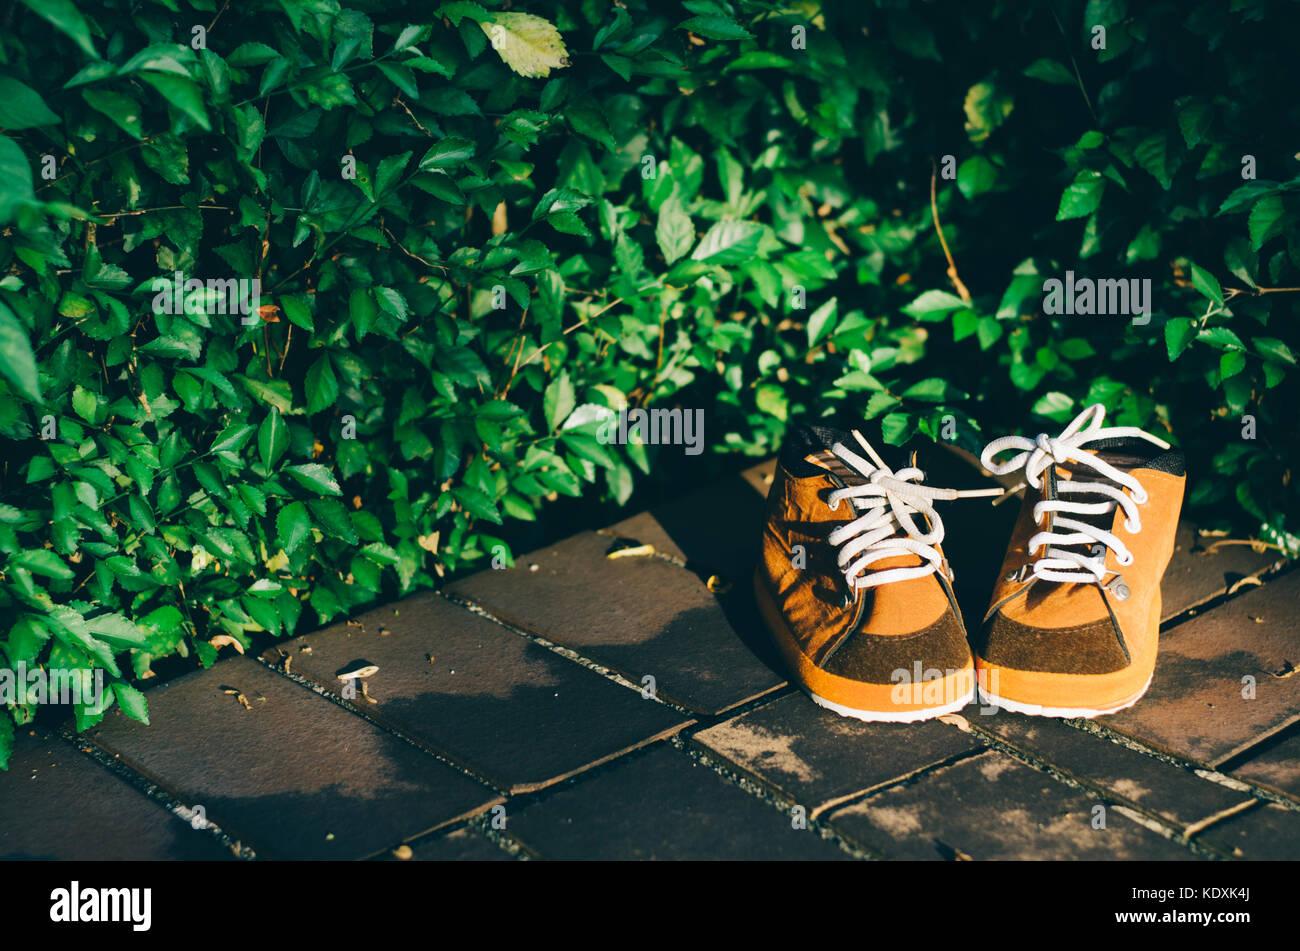 614d27ef670bff i-bambini-le-scarpe-marrone-su-un-pavimento-con -foglie-background-nella-soleggiata-sera-tonica-foto-indossare-le-scarpe-marrone-giorno-kdxk4j.jpg